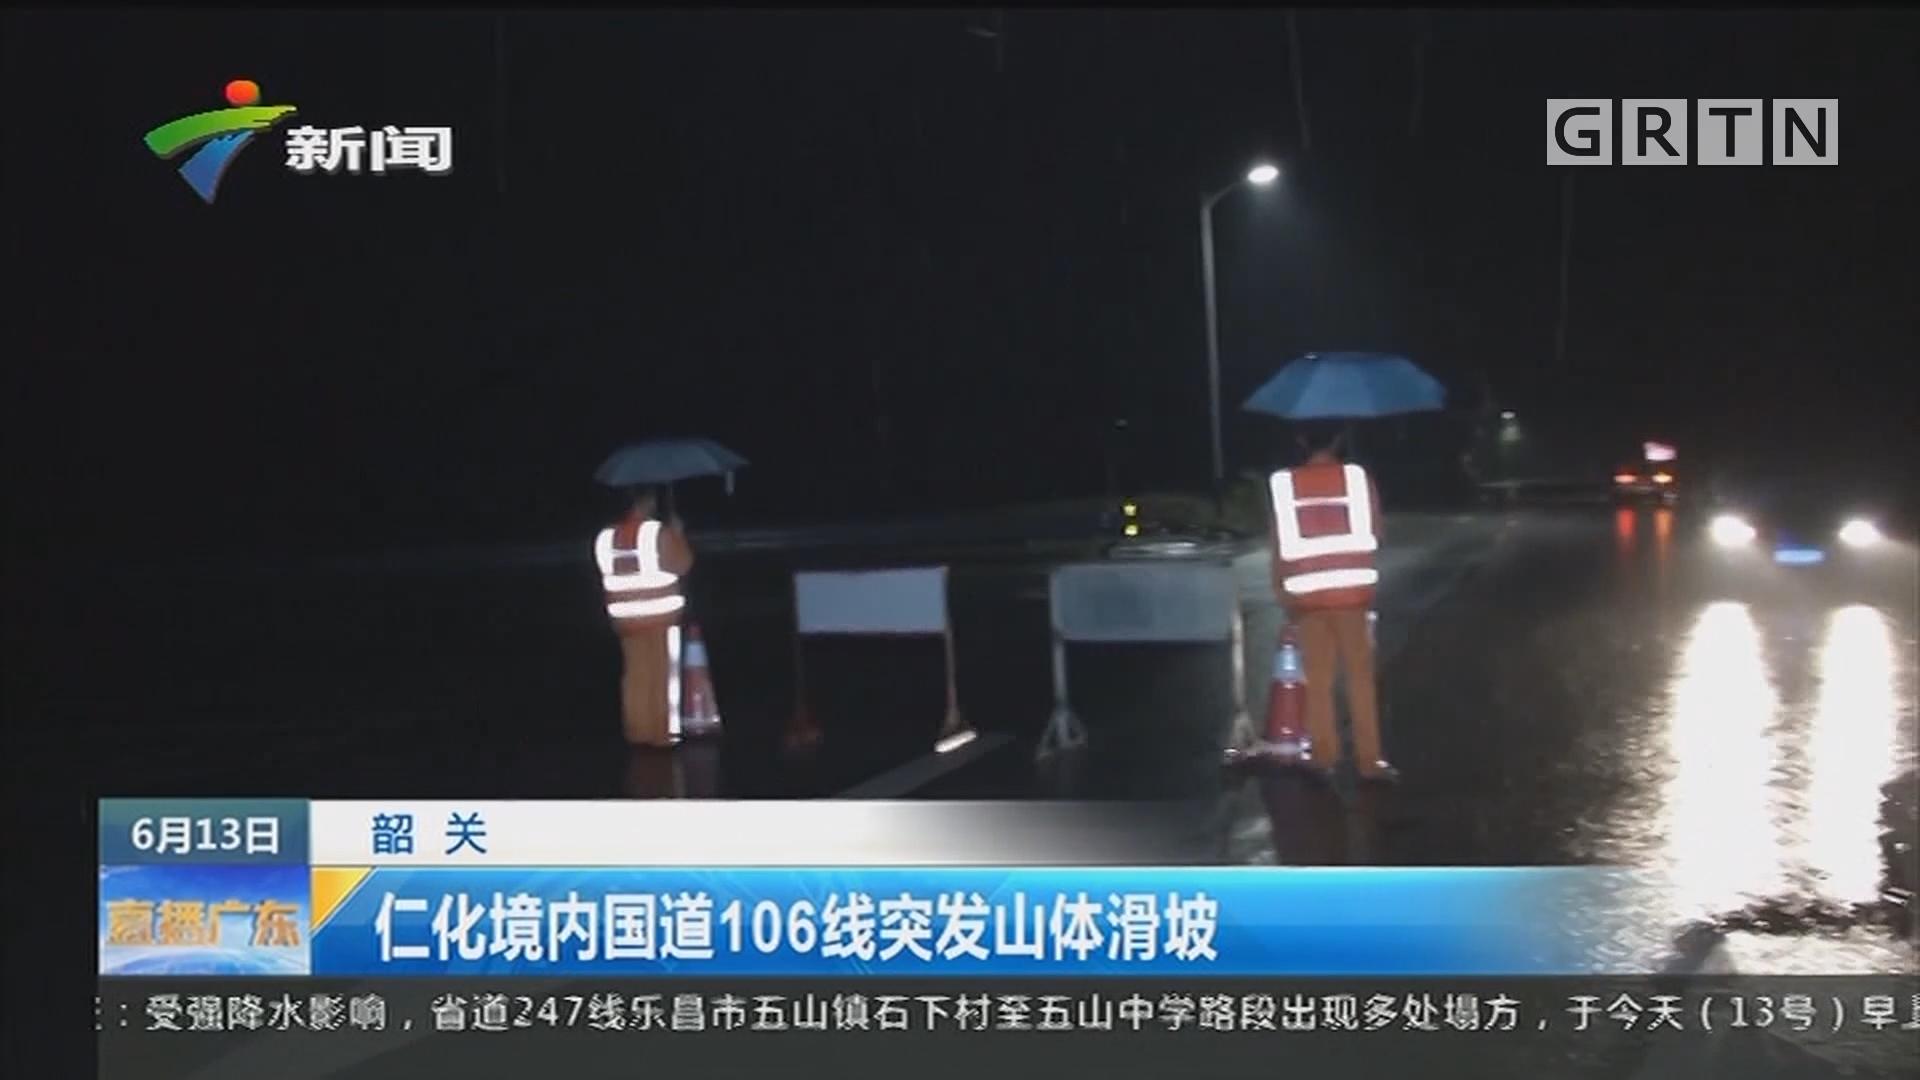 韶关:仁化境内国道106线突发山体滑坡